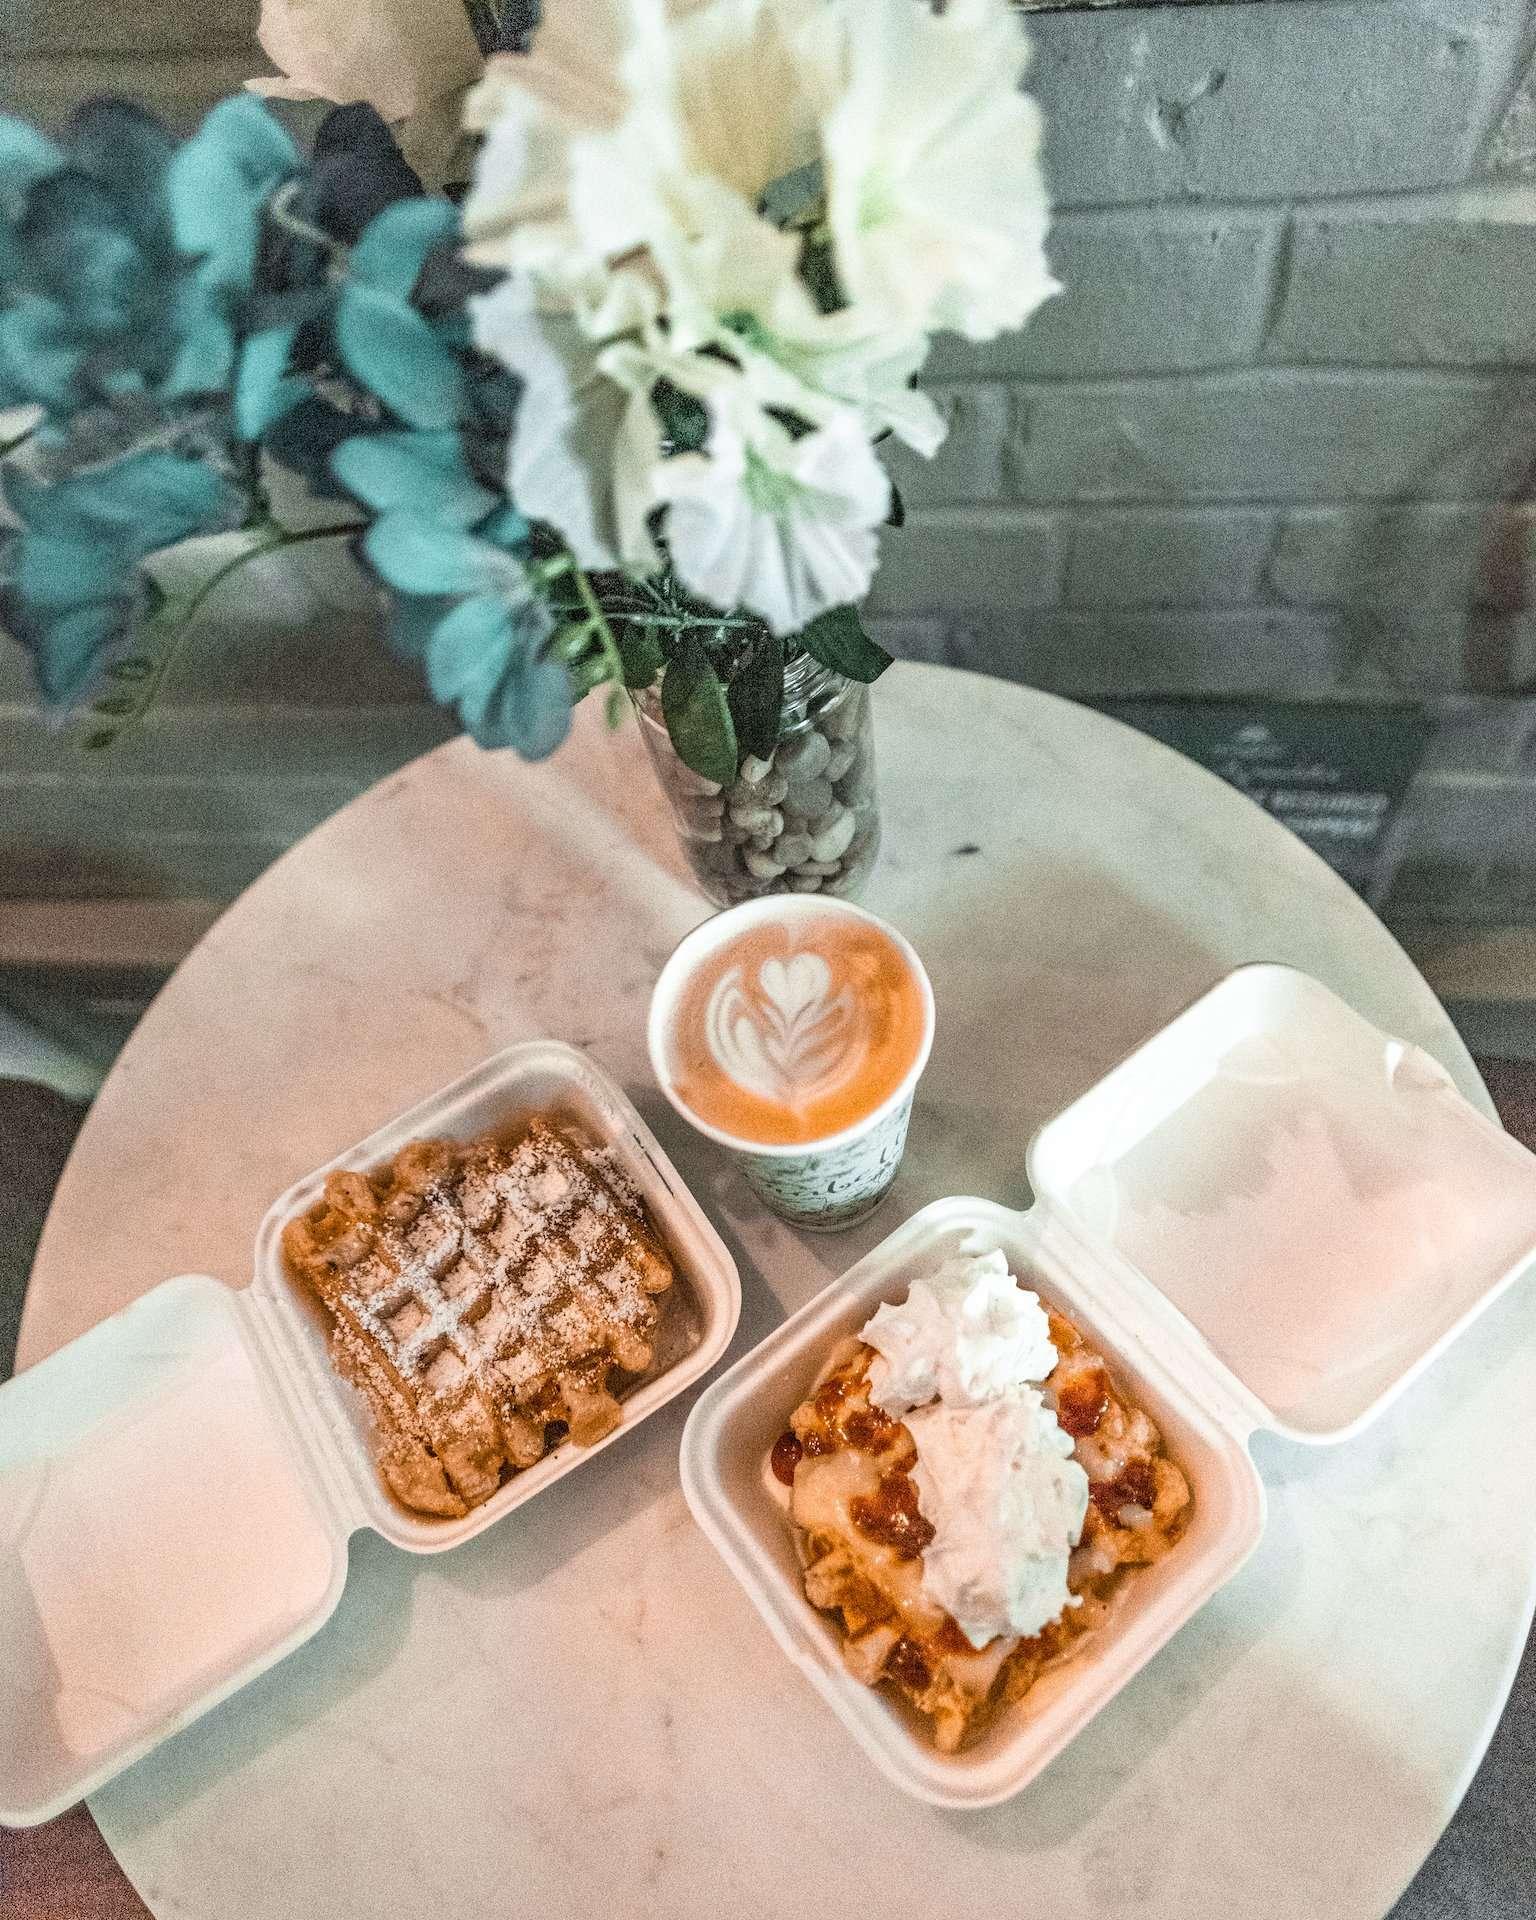 liege waffles at Mirabelle Savannah